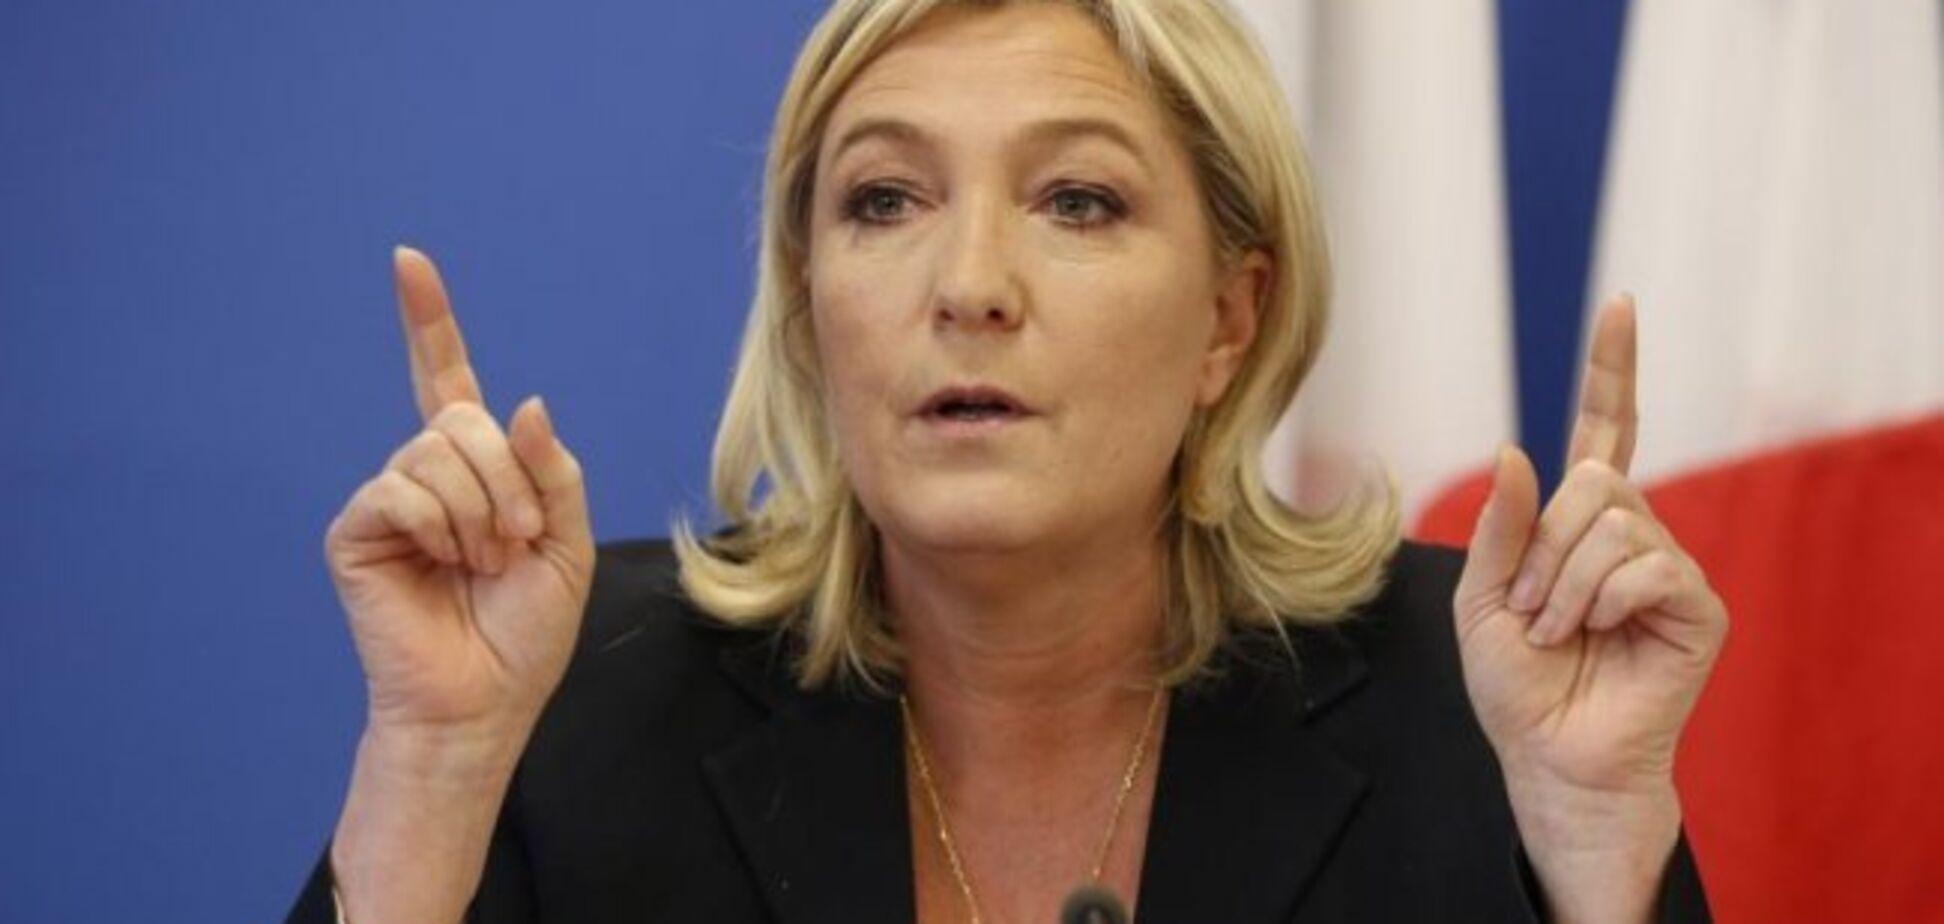 За спиной стоит Кремль: в Украине пролили свет на масштабные протесты во Франции